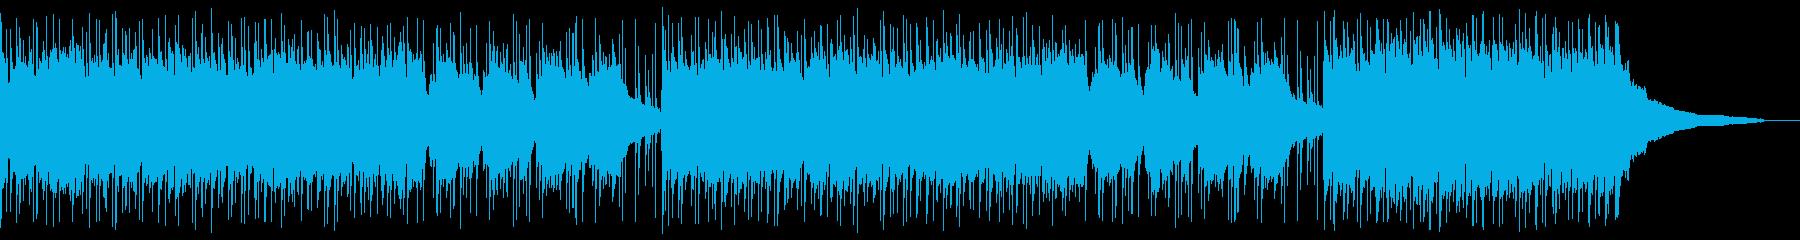 ポップ サスペンス 説明的 楽しげ...の再生済みの波形